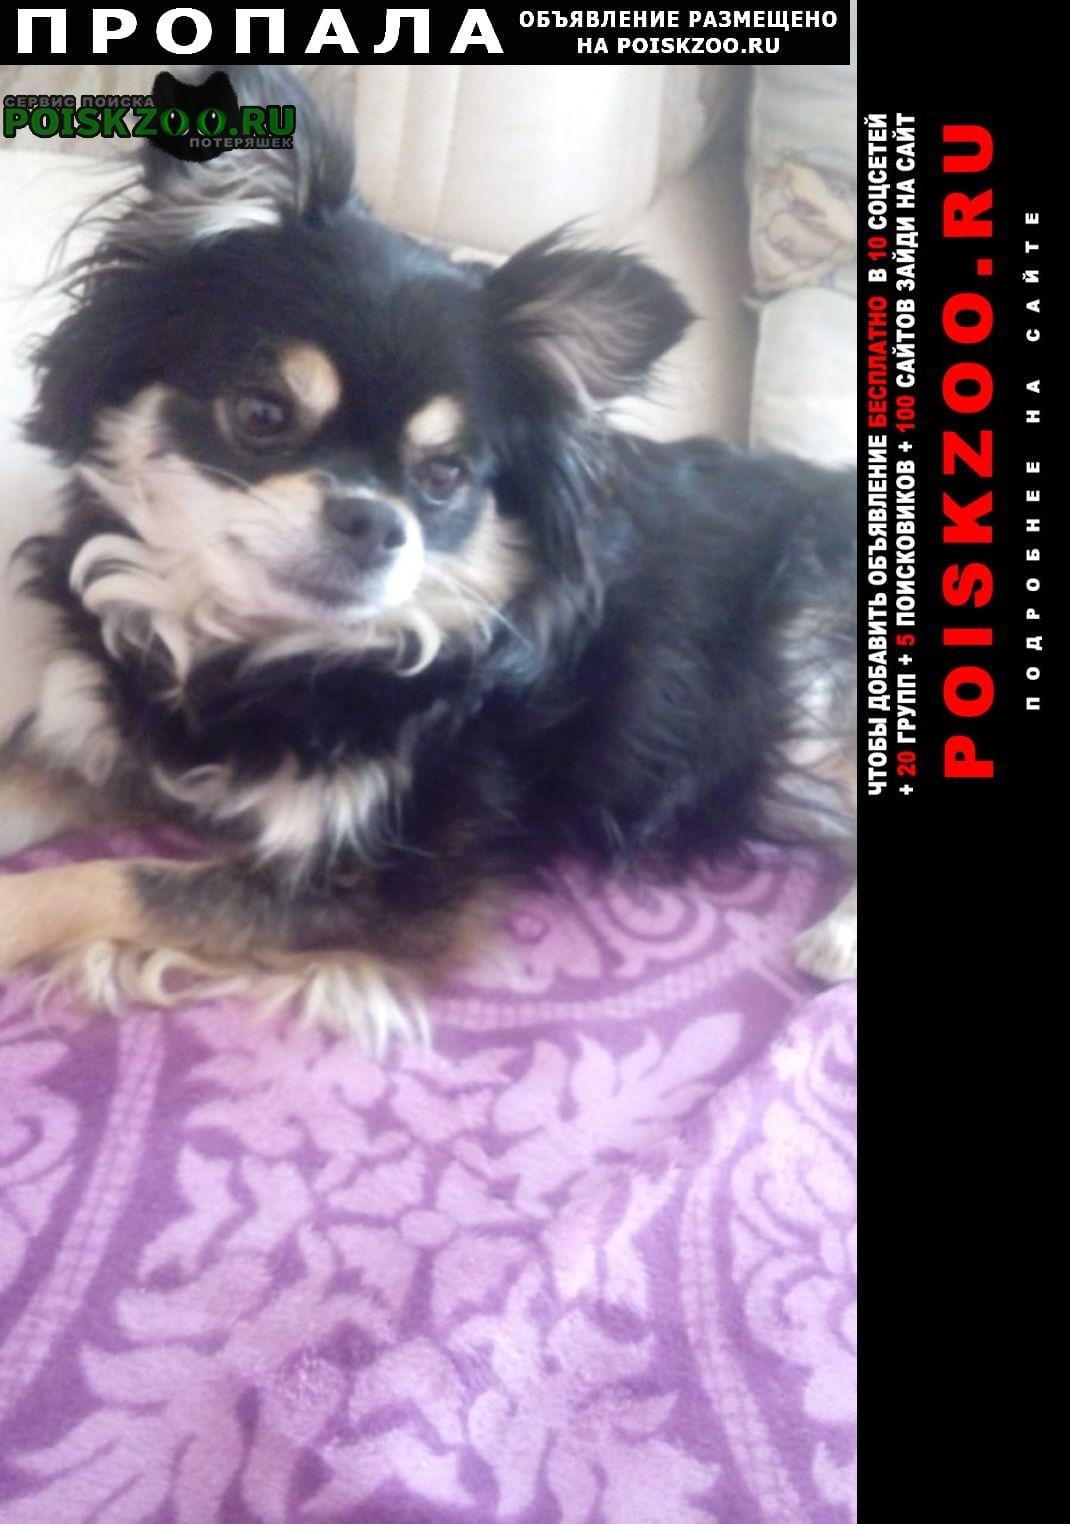 Пропала собака, породы шпиц-девочка, Ставрополь